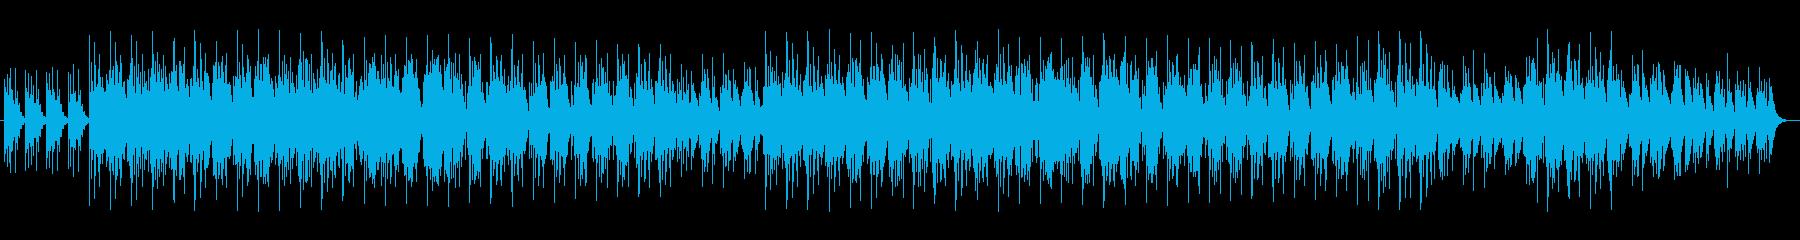 シンセサイザーとトランペットの曲の再生済みの波形